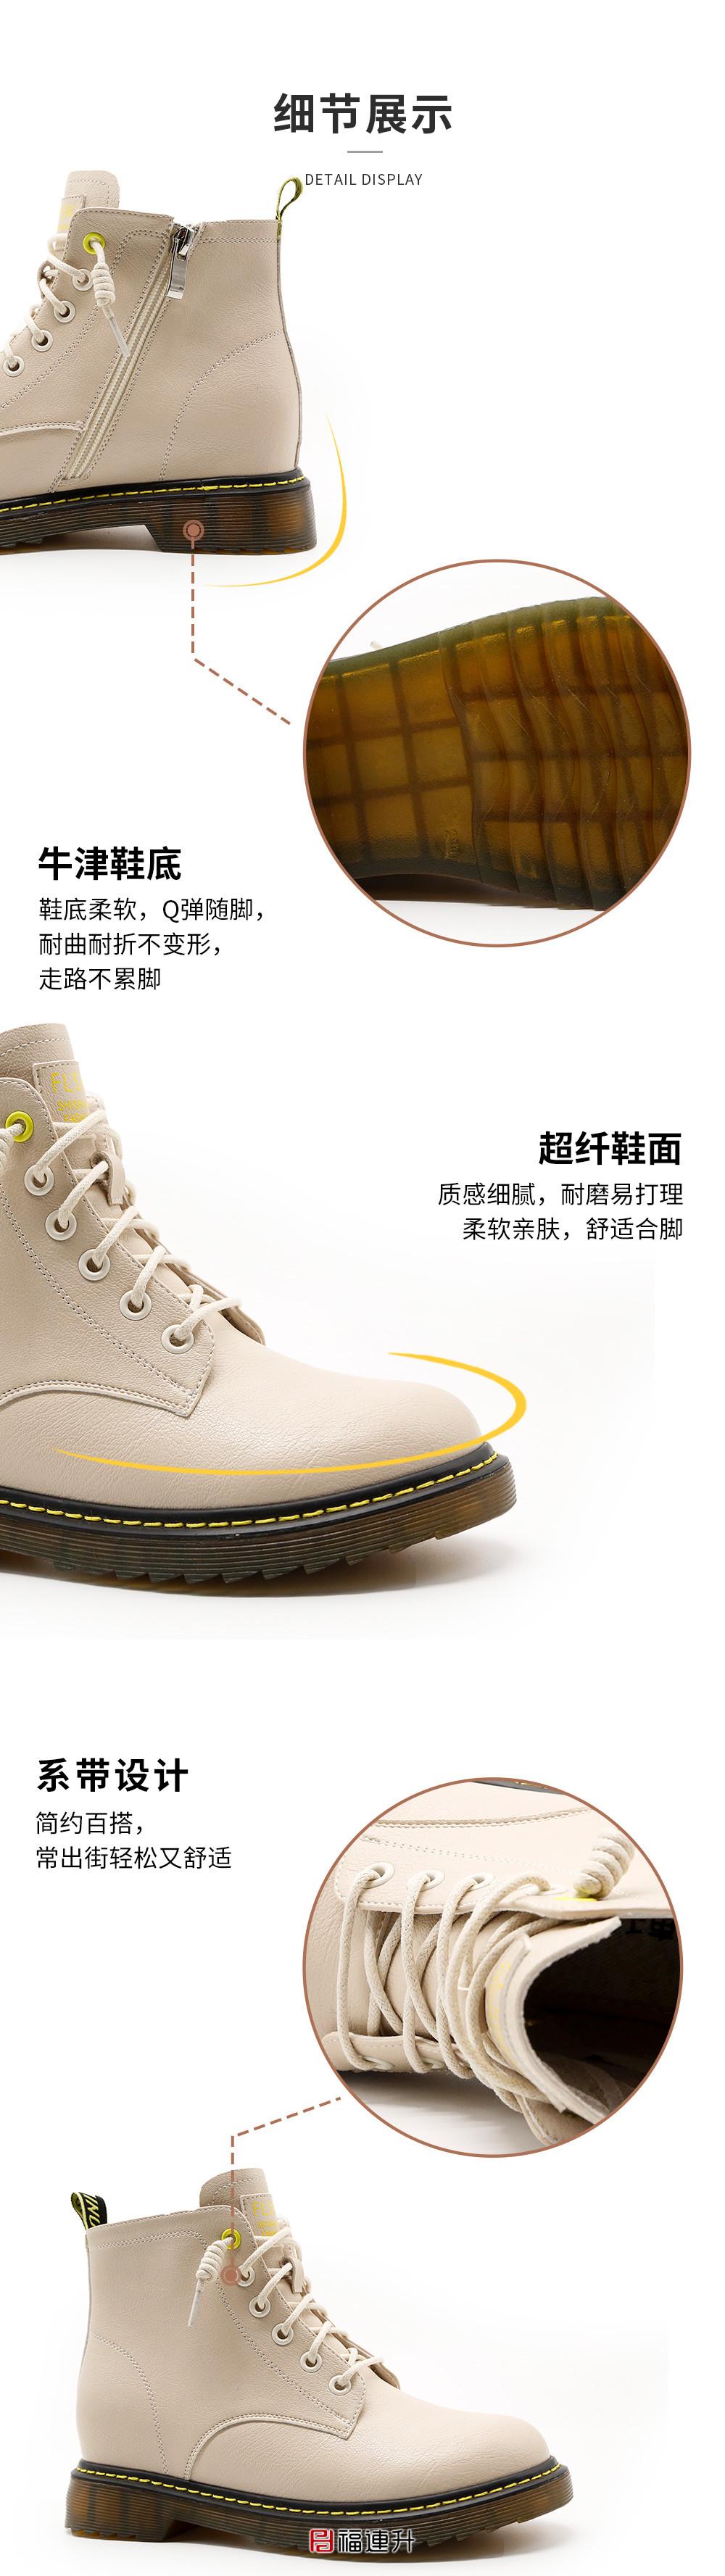 福连升休闲短靴系带高帮马丁靴沙漠靴棉麻女鞋图片